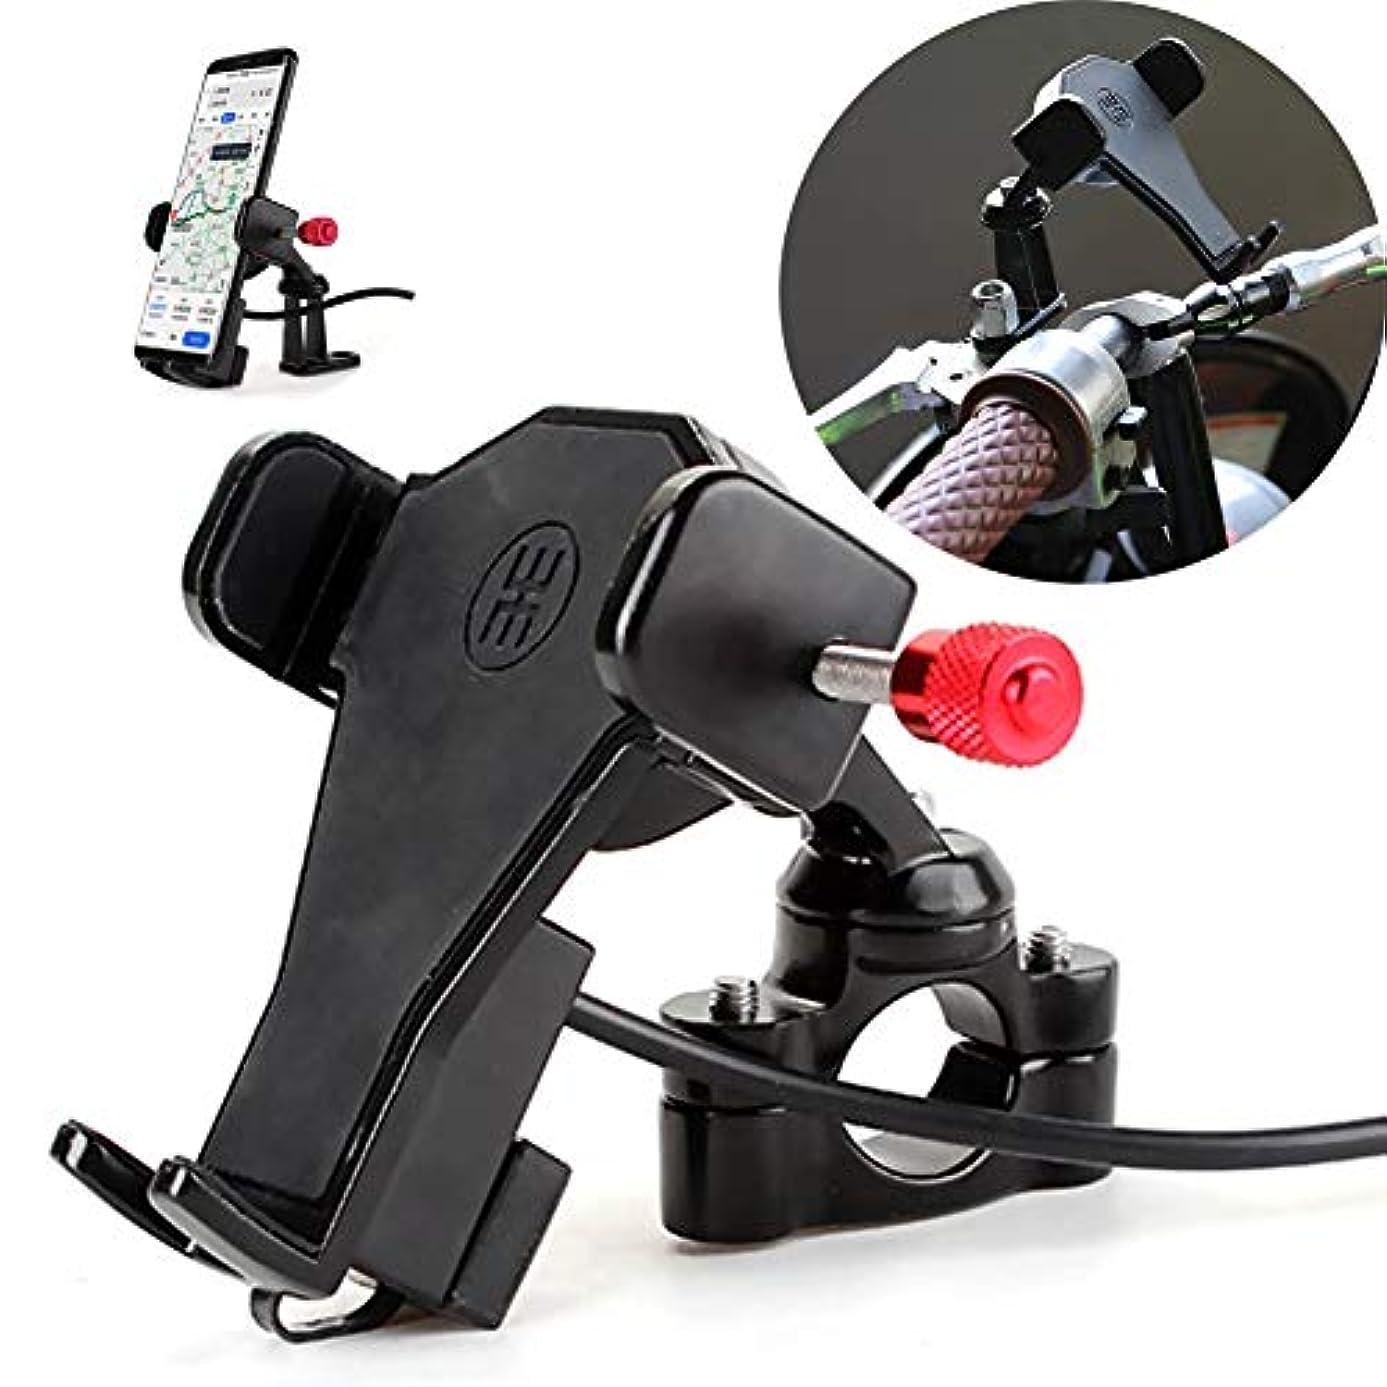 使い込む櫛傀儡自転車オートバイ携帯電話マウントホルダー - USB充電器付き360度回転、3.5-6.6インチ電話に適しています、あらゆるスマートフォンGPS用 - ユニバーサルマウンテンロードバイクオートバイ